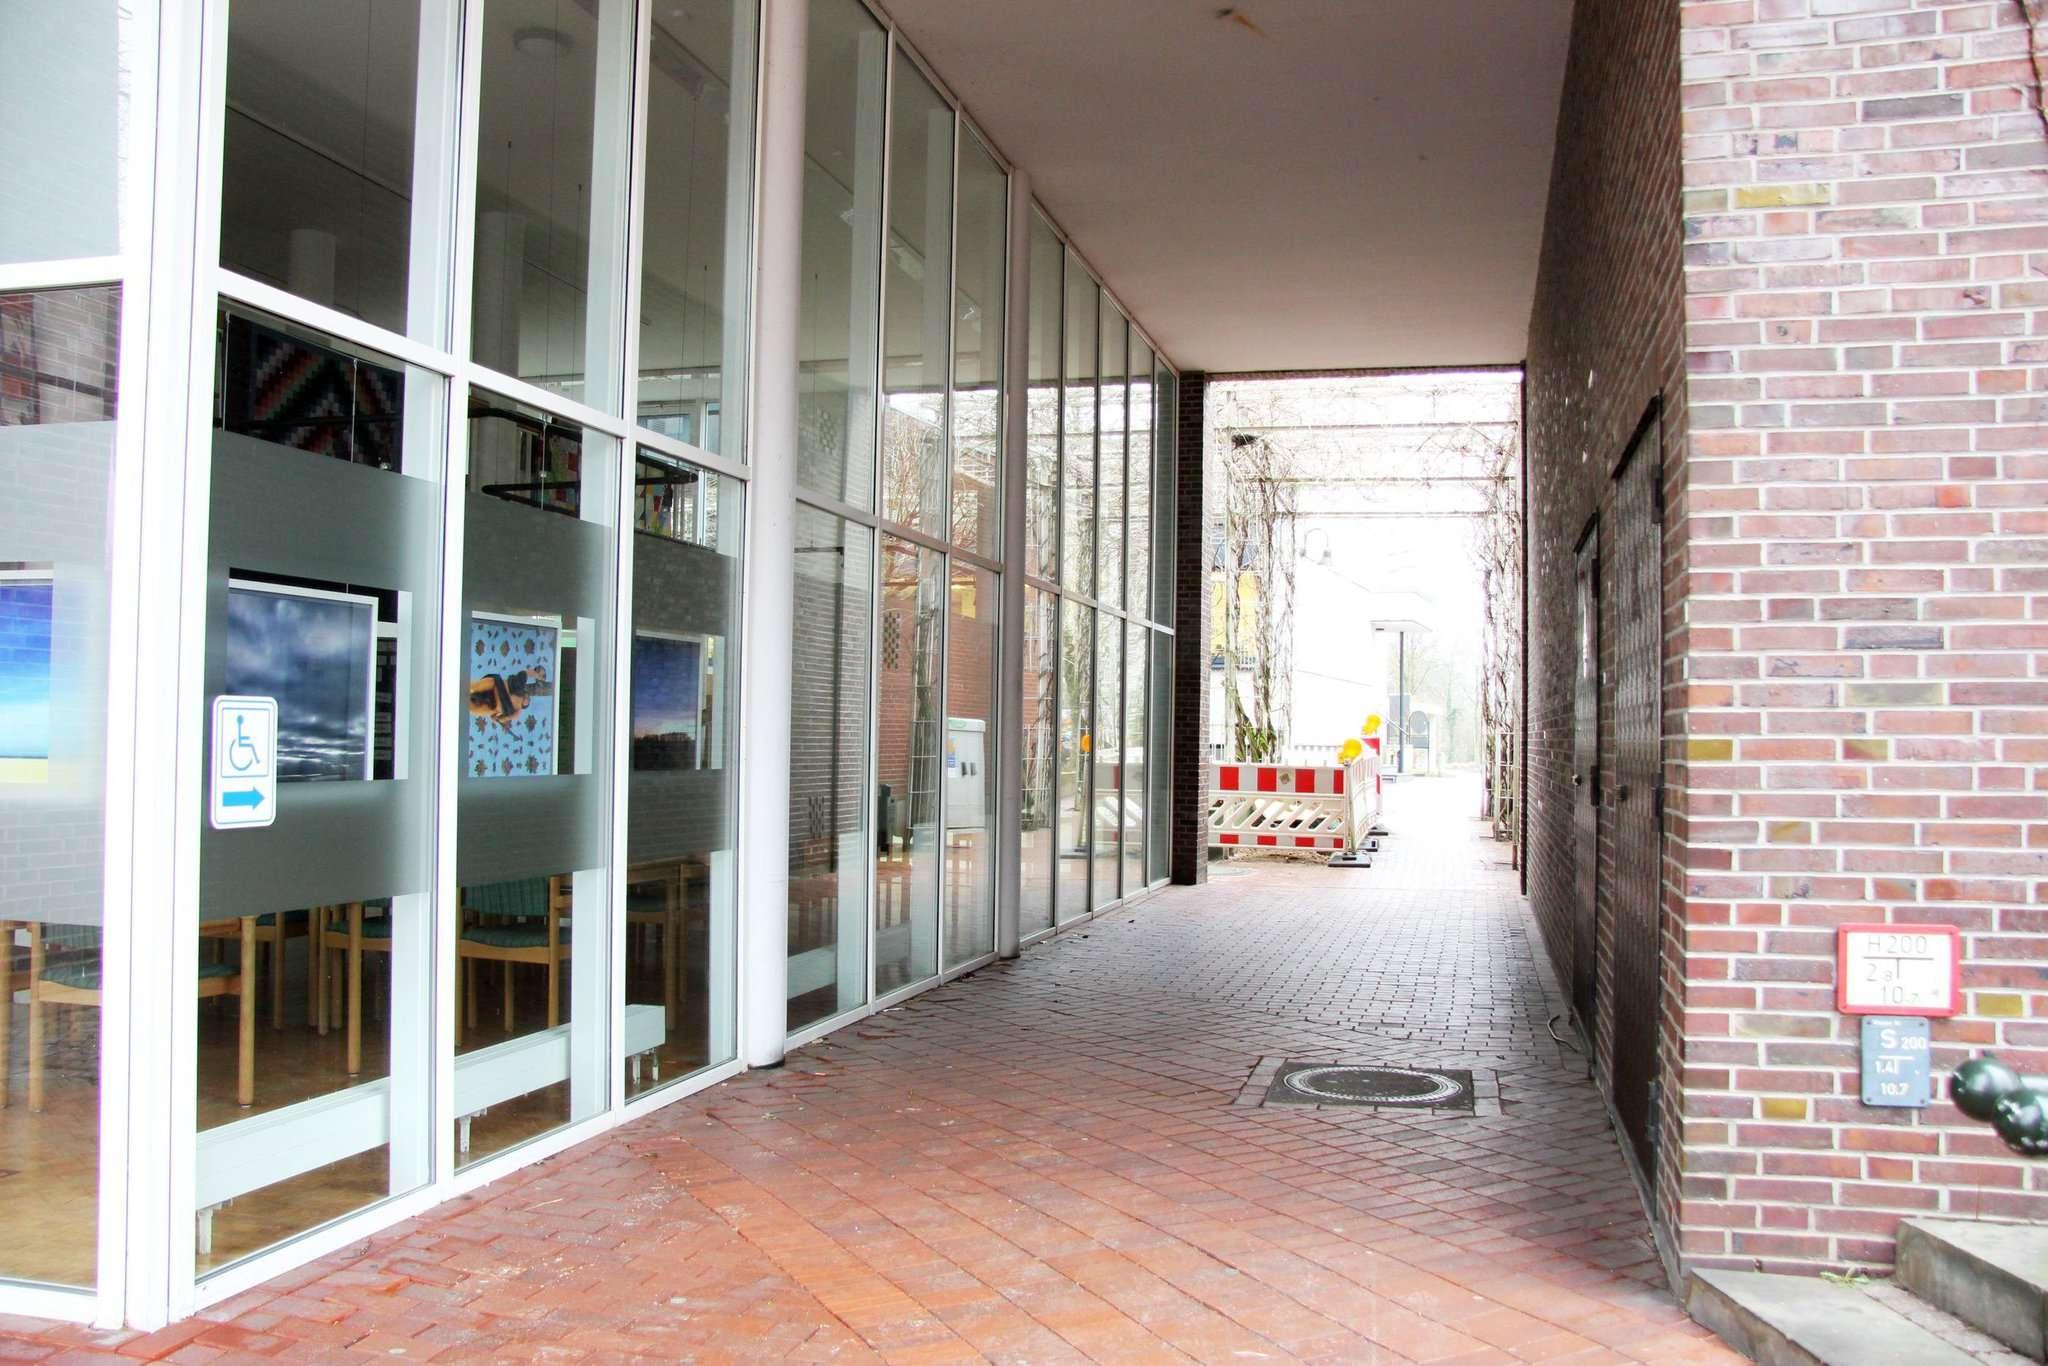 In der Rathausgasse kam es am Mittwoch zu einem Vorfall. Foto: Ann-Christin Beims